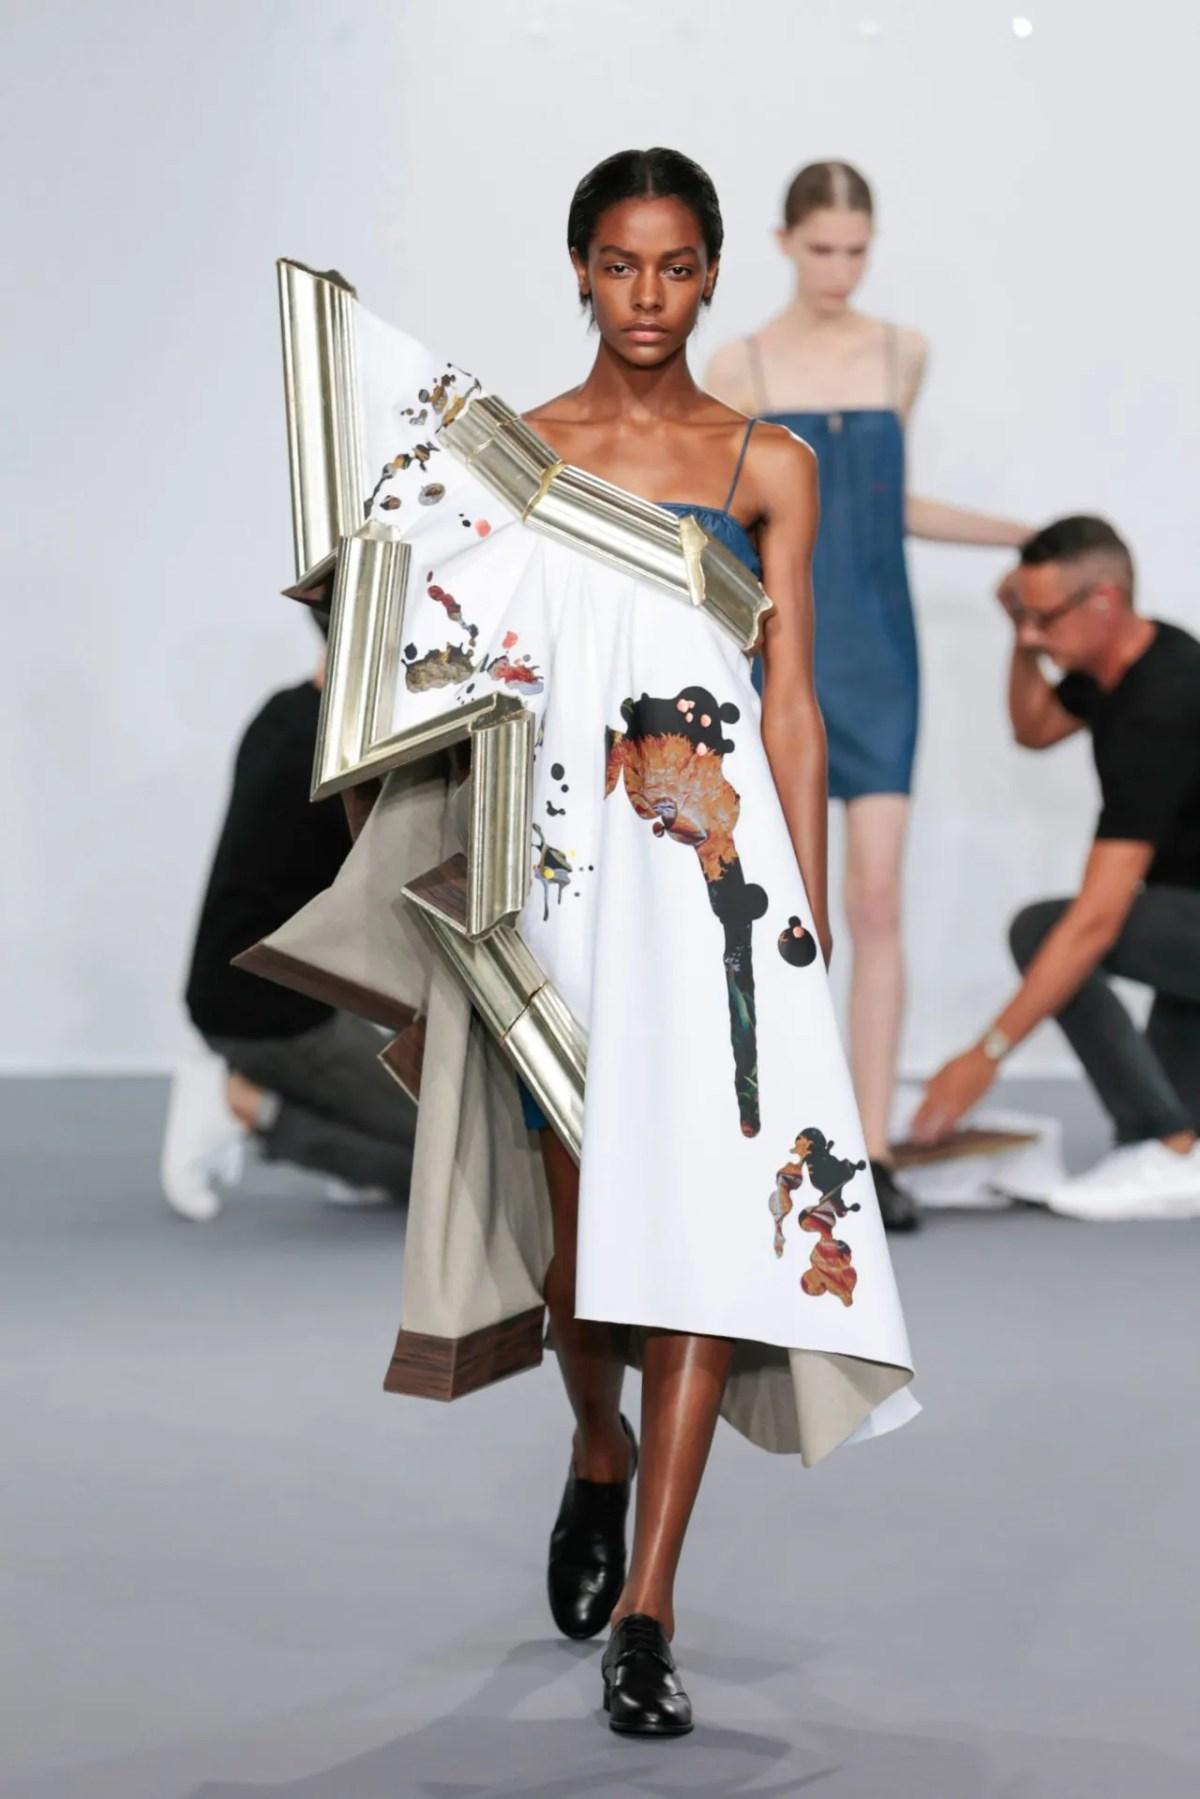 fashion dress designs drawings